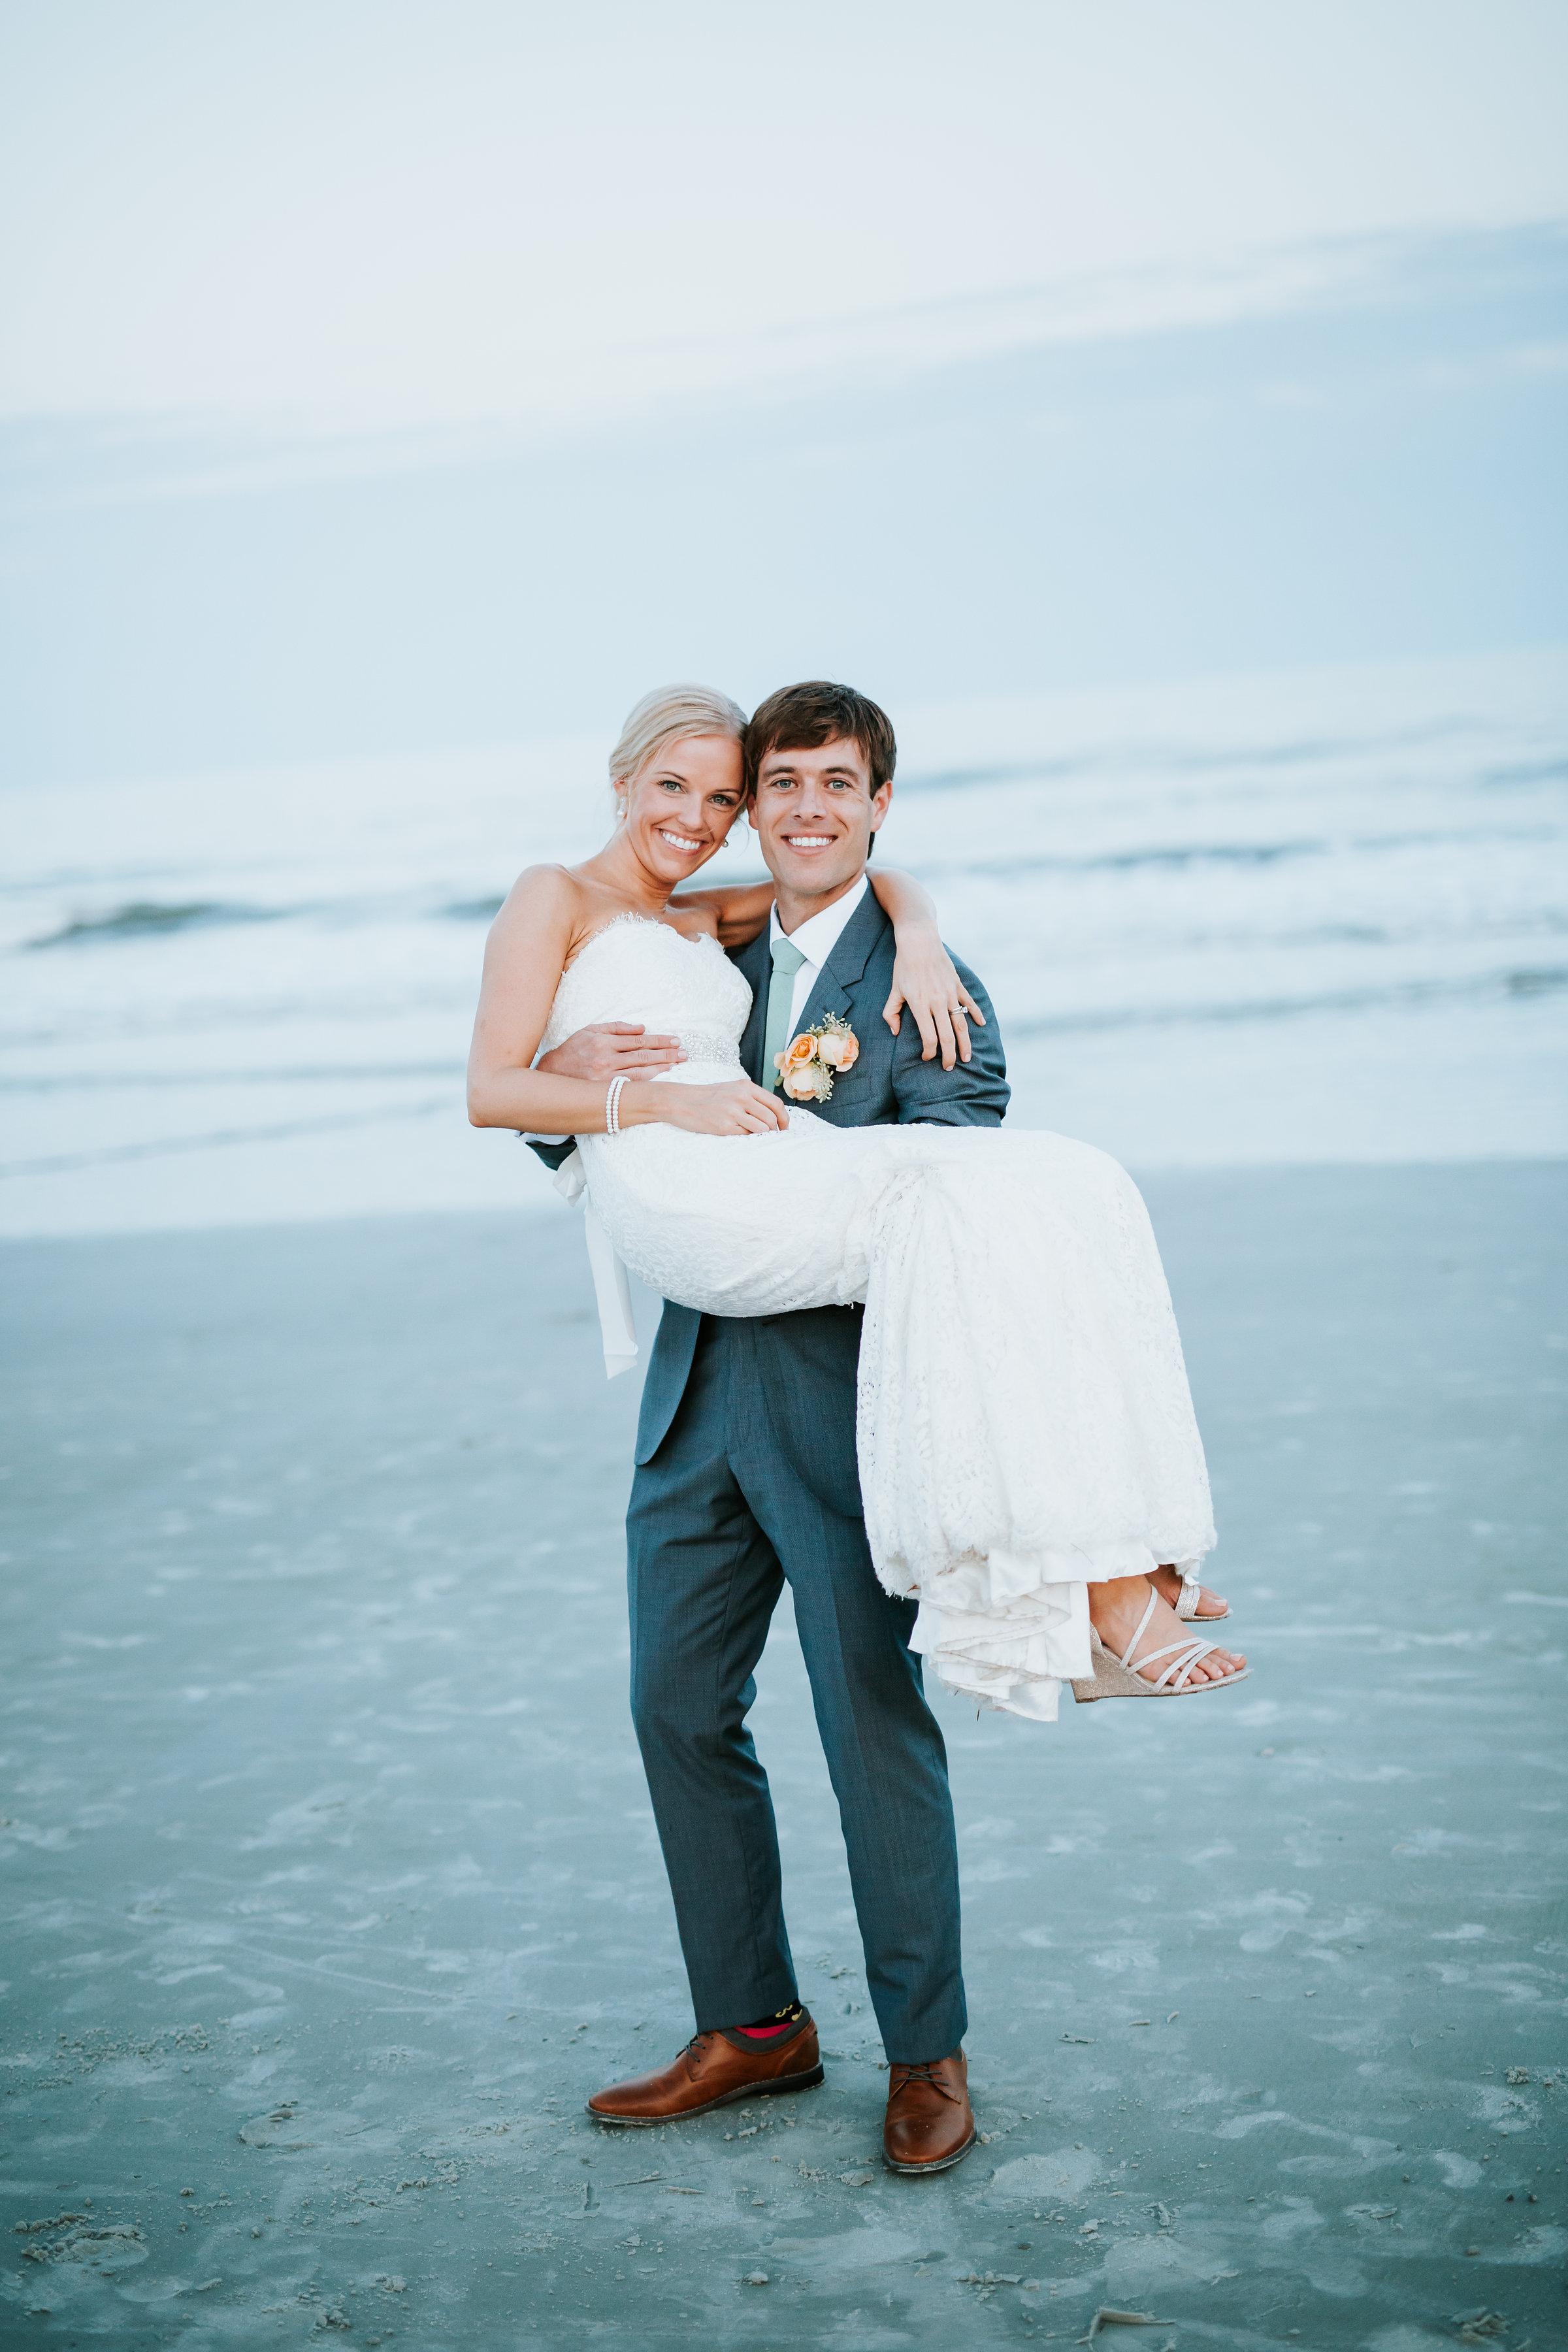 omni-hilton-head-wedding-58.jpg